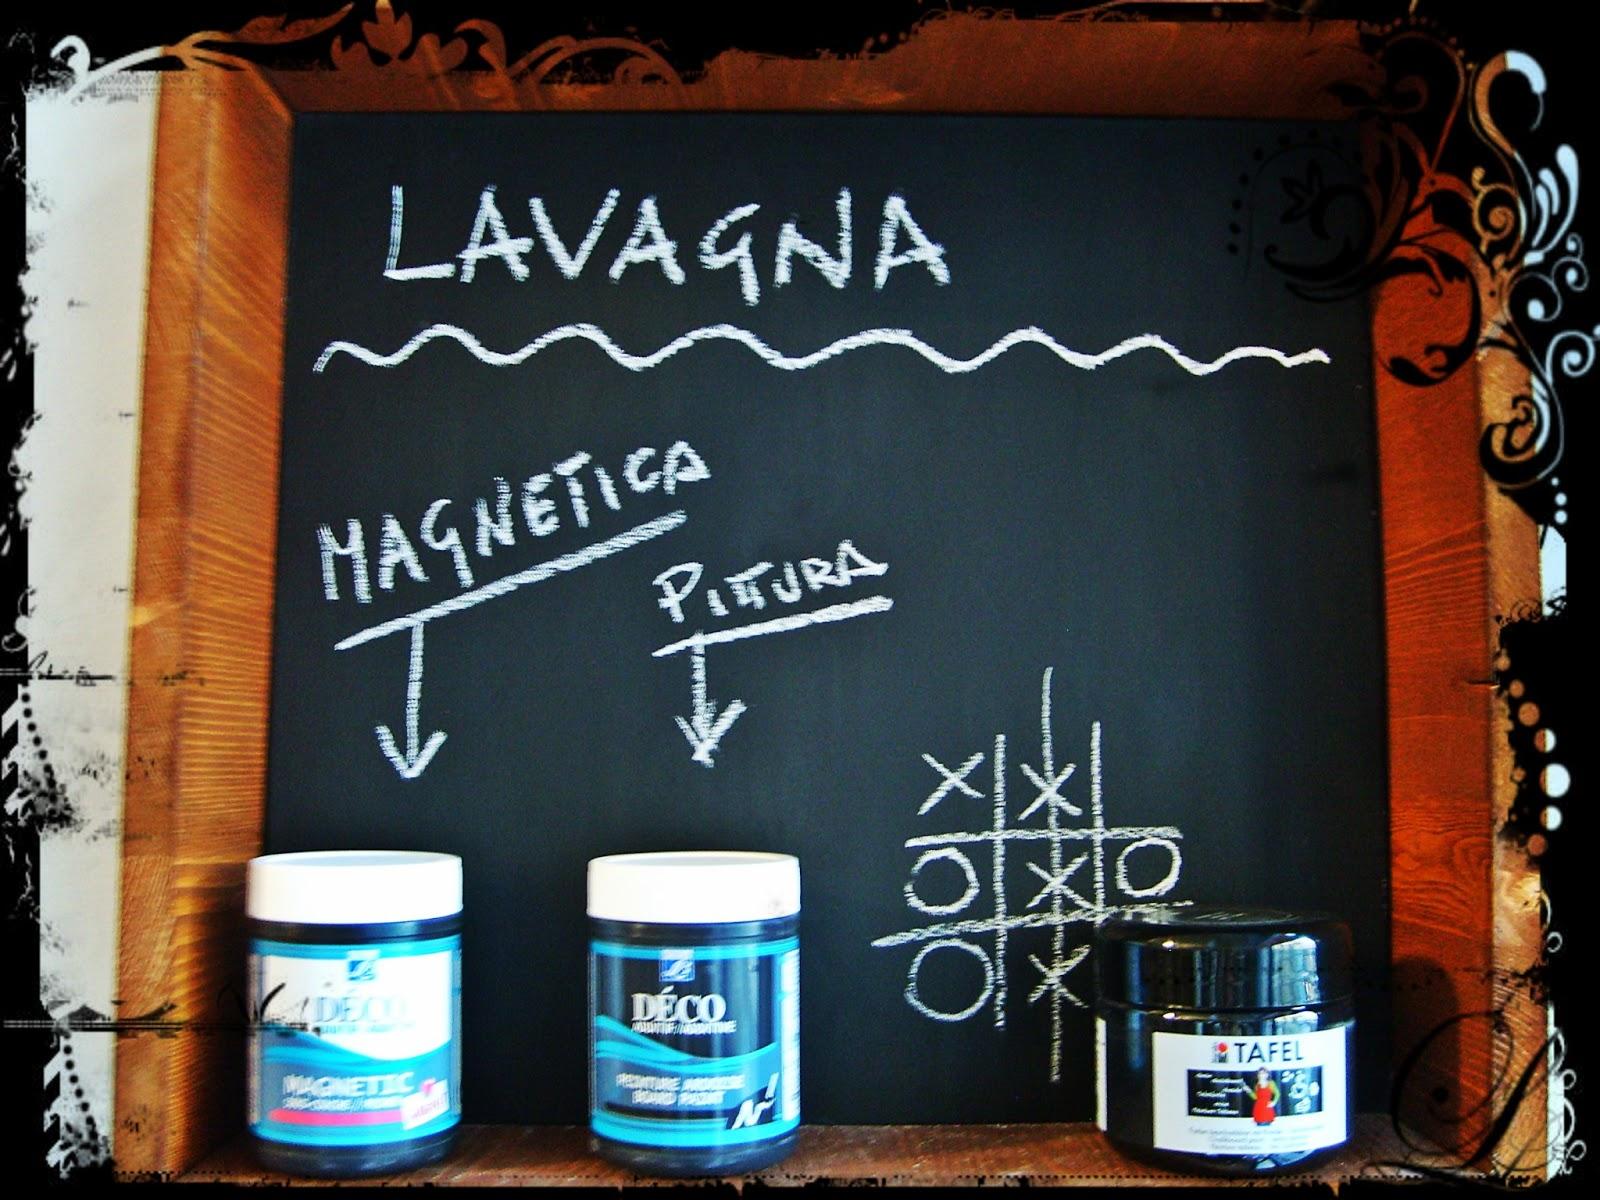 Art store d 39 ambrosio belle arti trani vernice effetto lavagna lefranc b - Lavagna magnetica per cucina ...